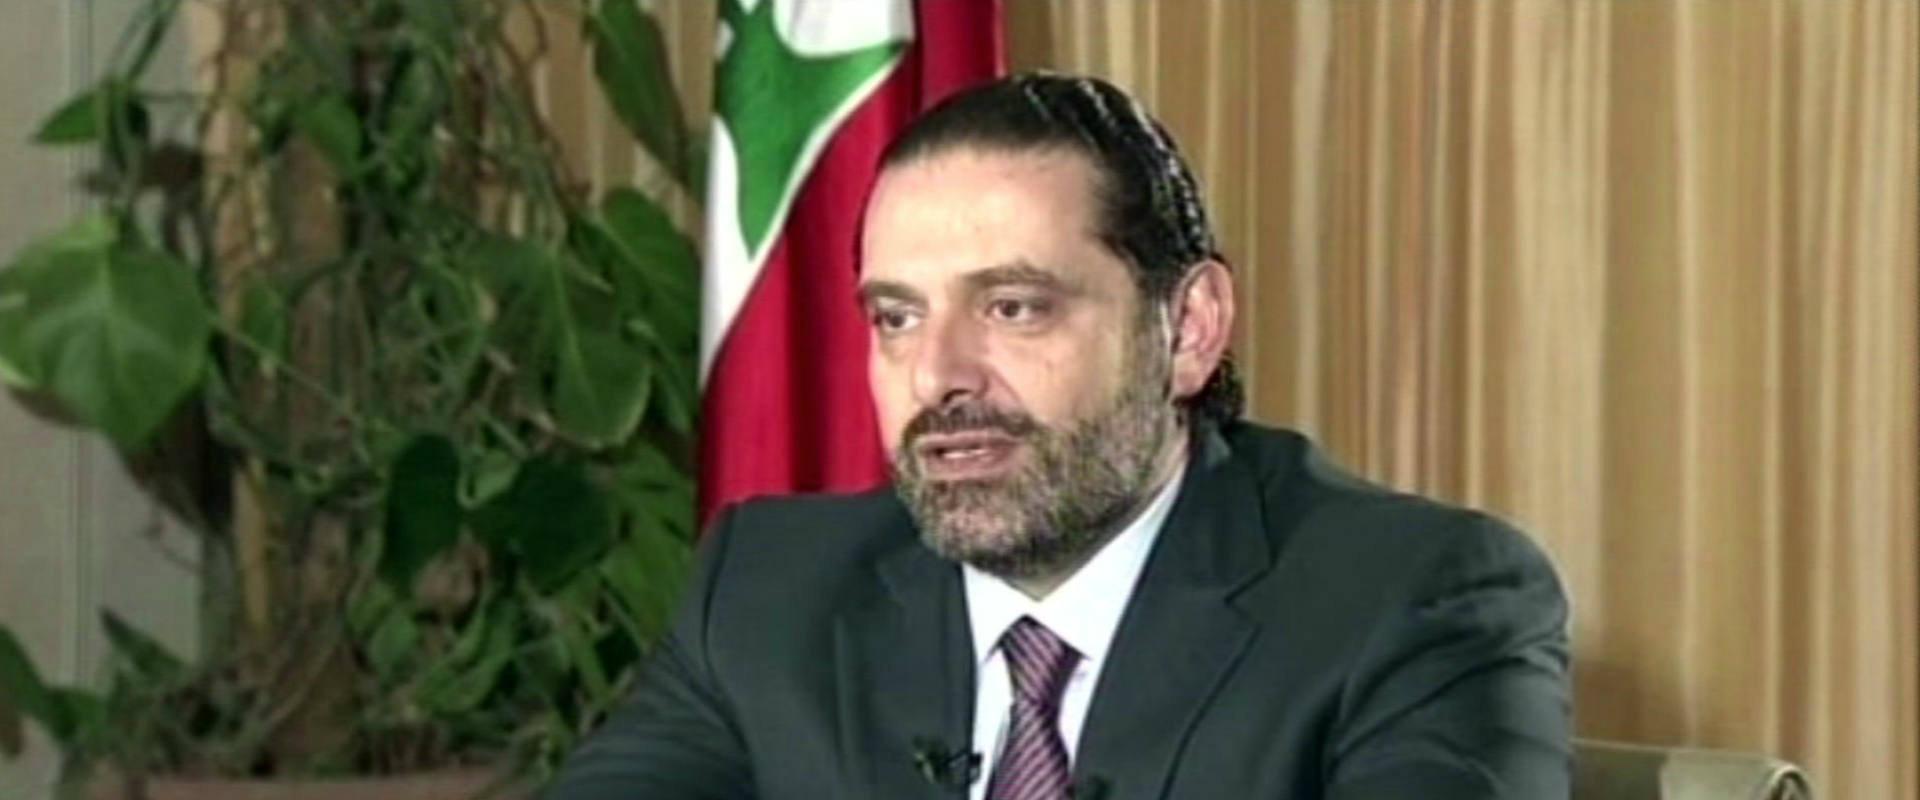 ראש ממשלת לבנון המתפטר, סעד חרירי